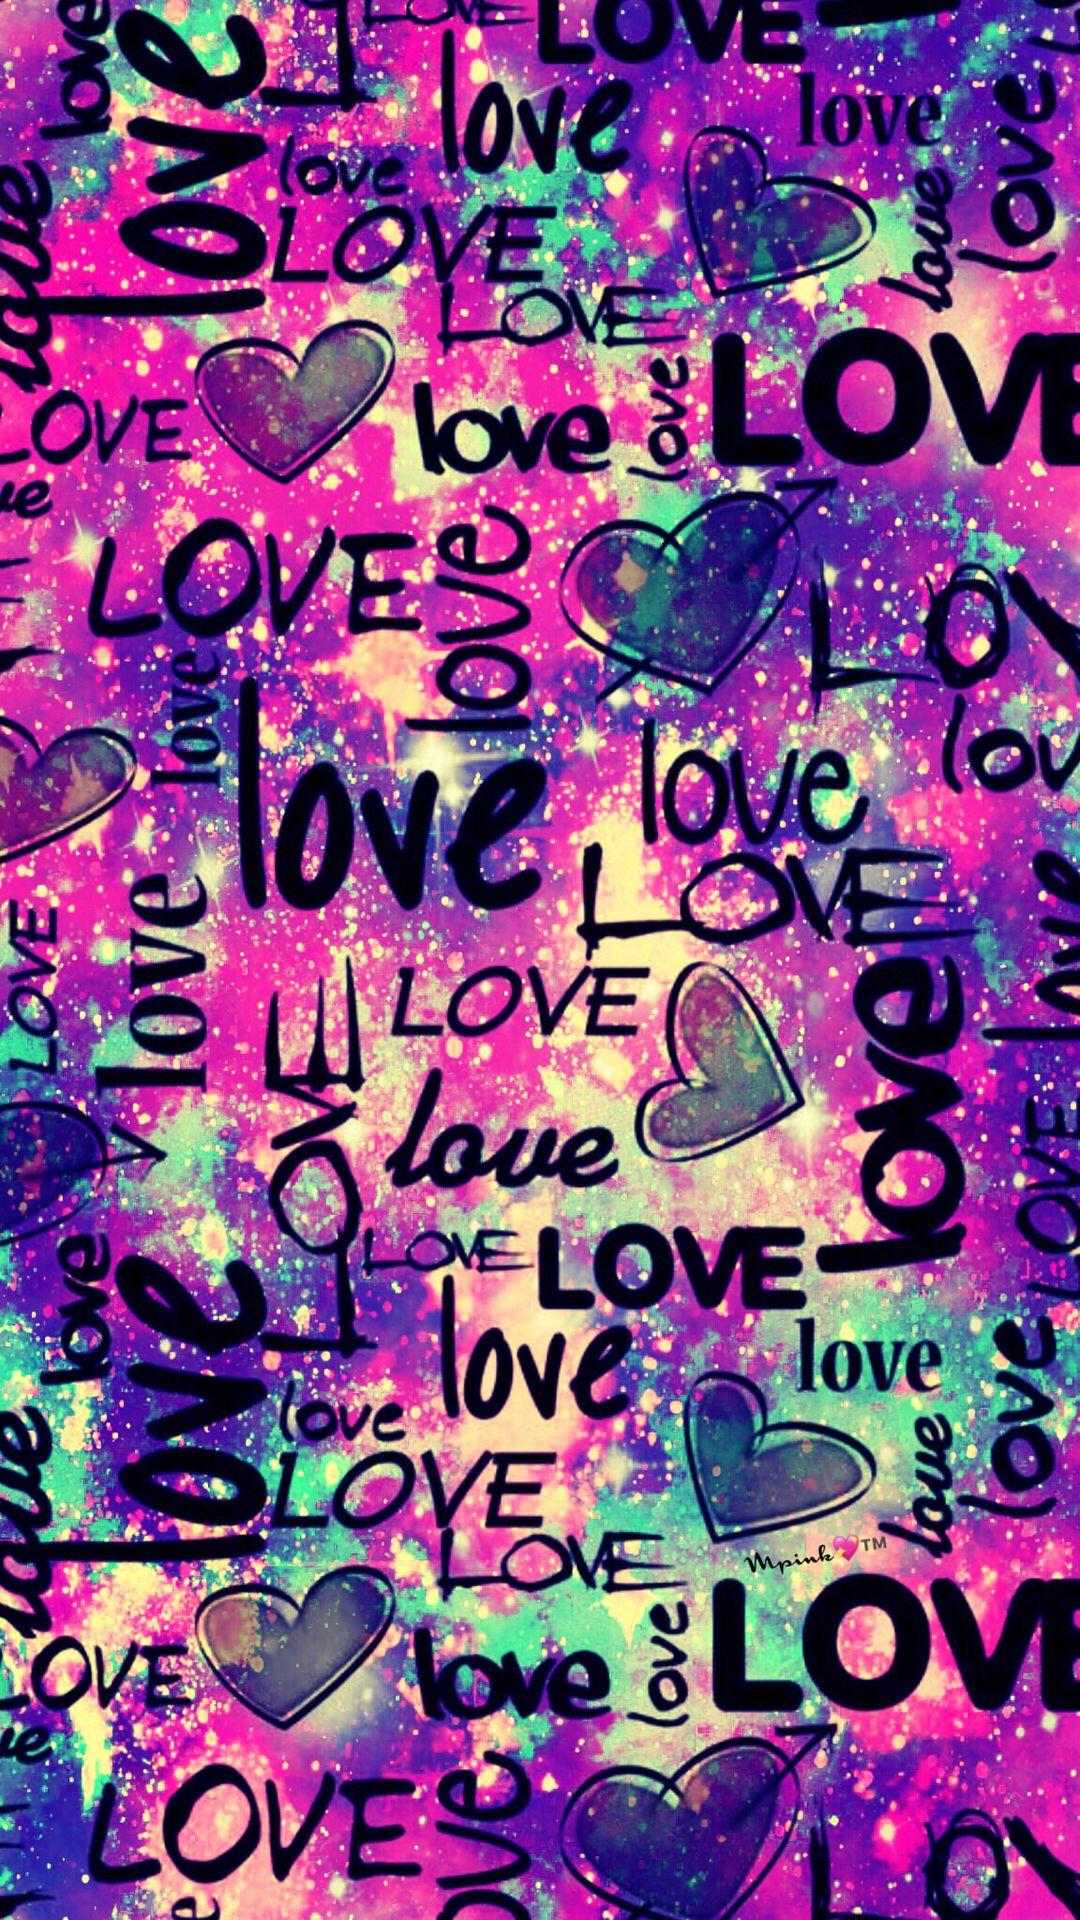 Love Galaxy Wallpaper Androidwallpaper Iphonewallpaper Wallpaper Galaxy Sparkle Glitter Lockscr Glitter Wallpaper Wallpaper Iphone Cute Galaxy Wallpaper Love iphone cute girly wallpapers hd